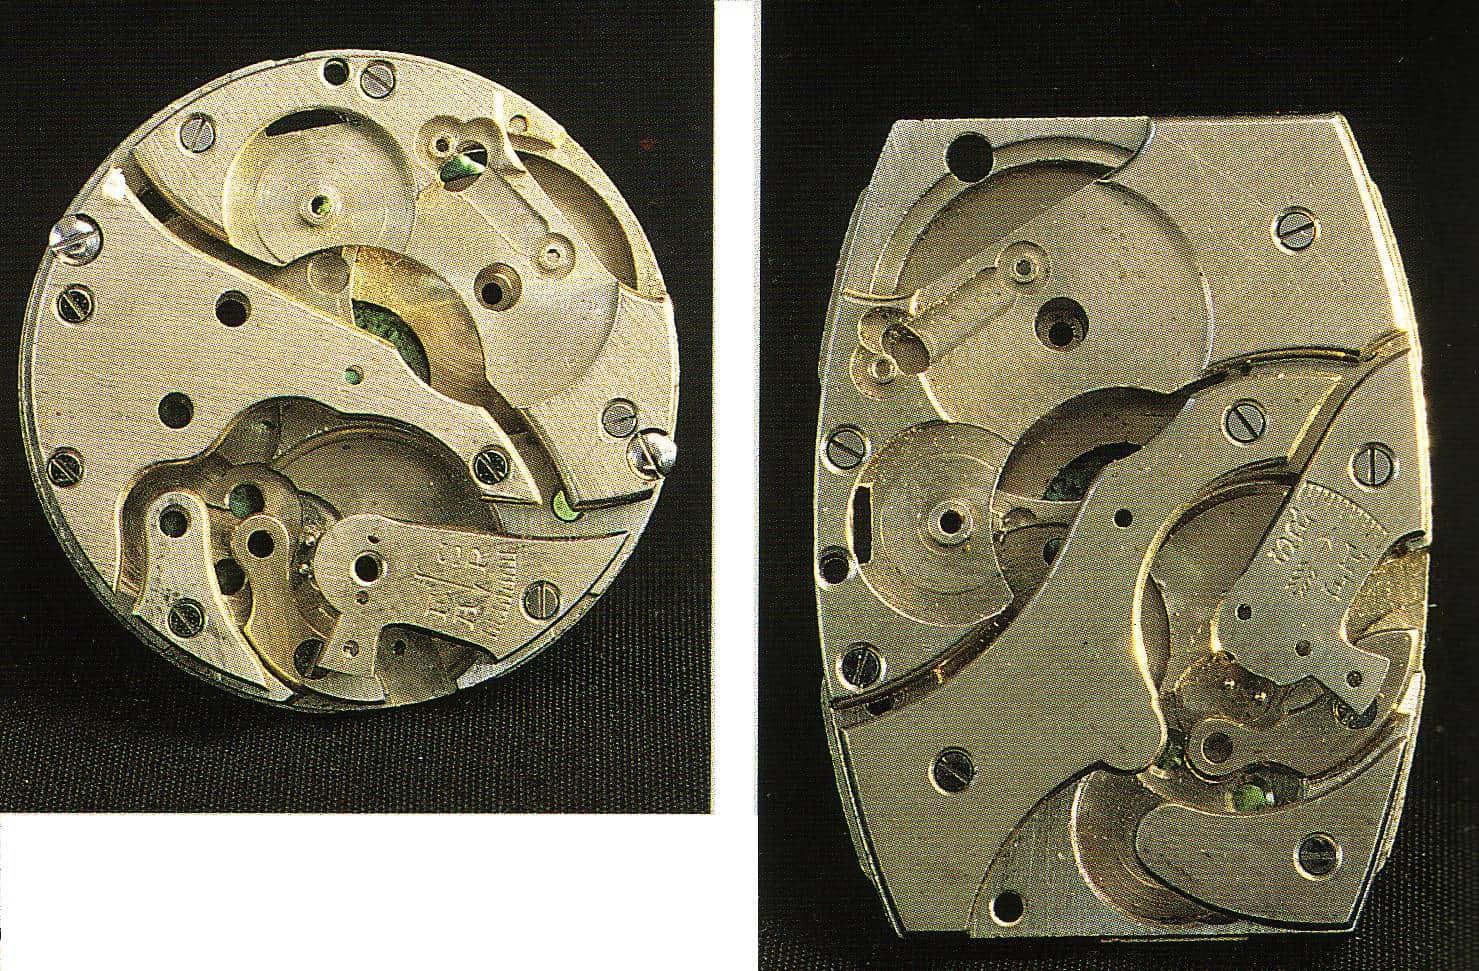 Die Grundplatines eines Ebauches in rund und tonneauförmig